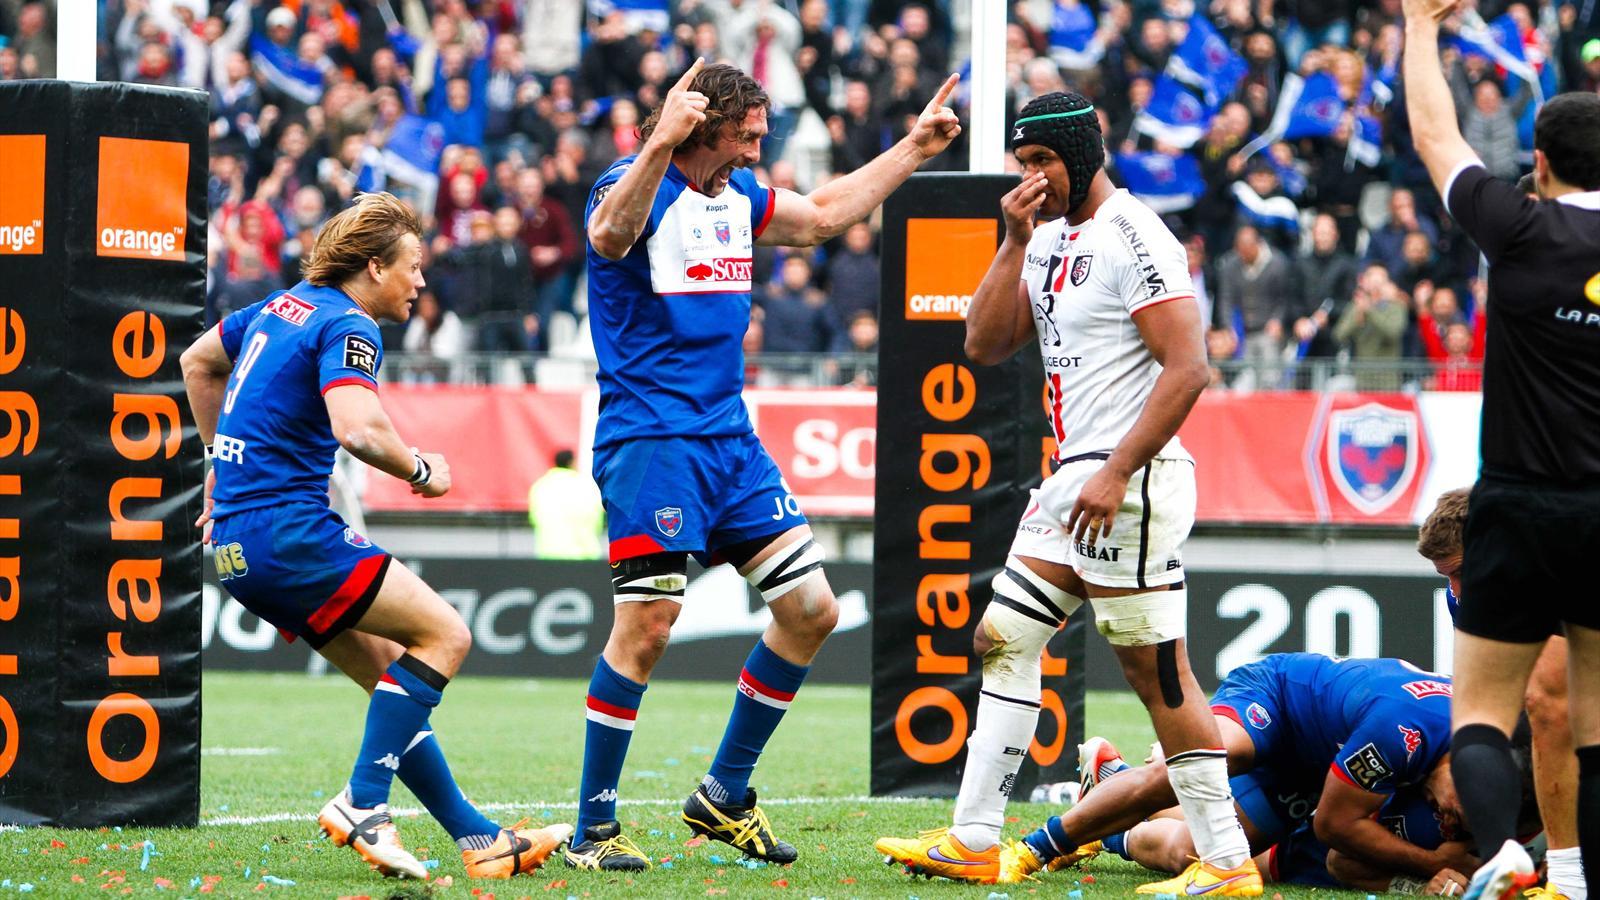 La joie de Skeate et McLeod (Grenoble) face à Toulouse